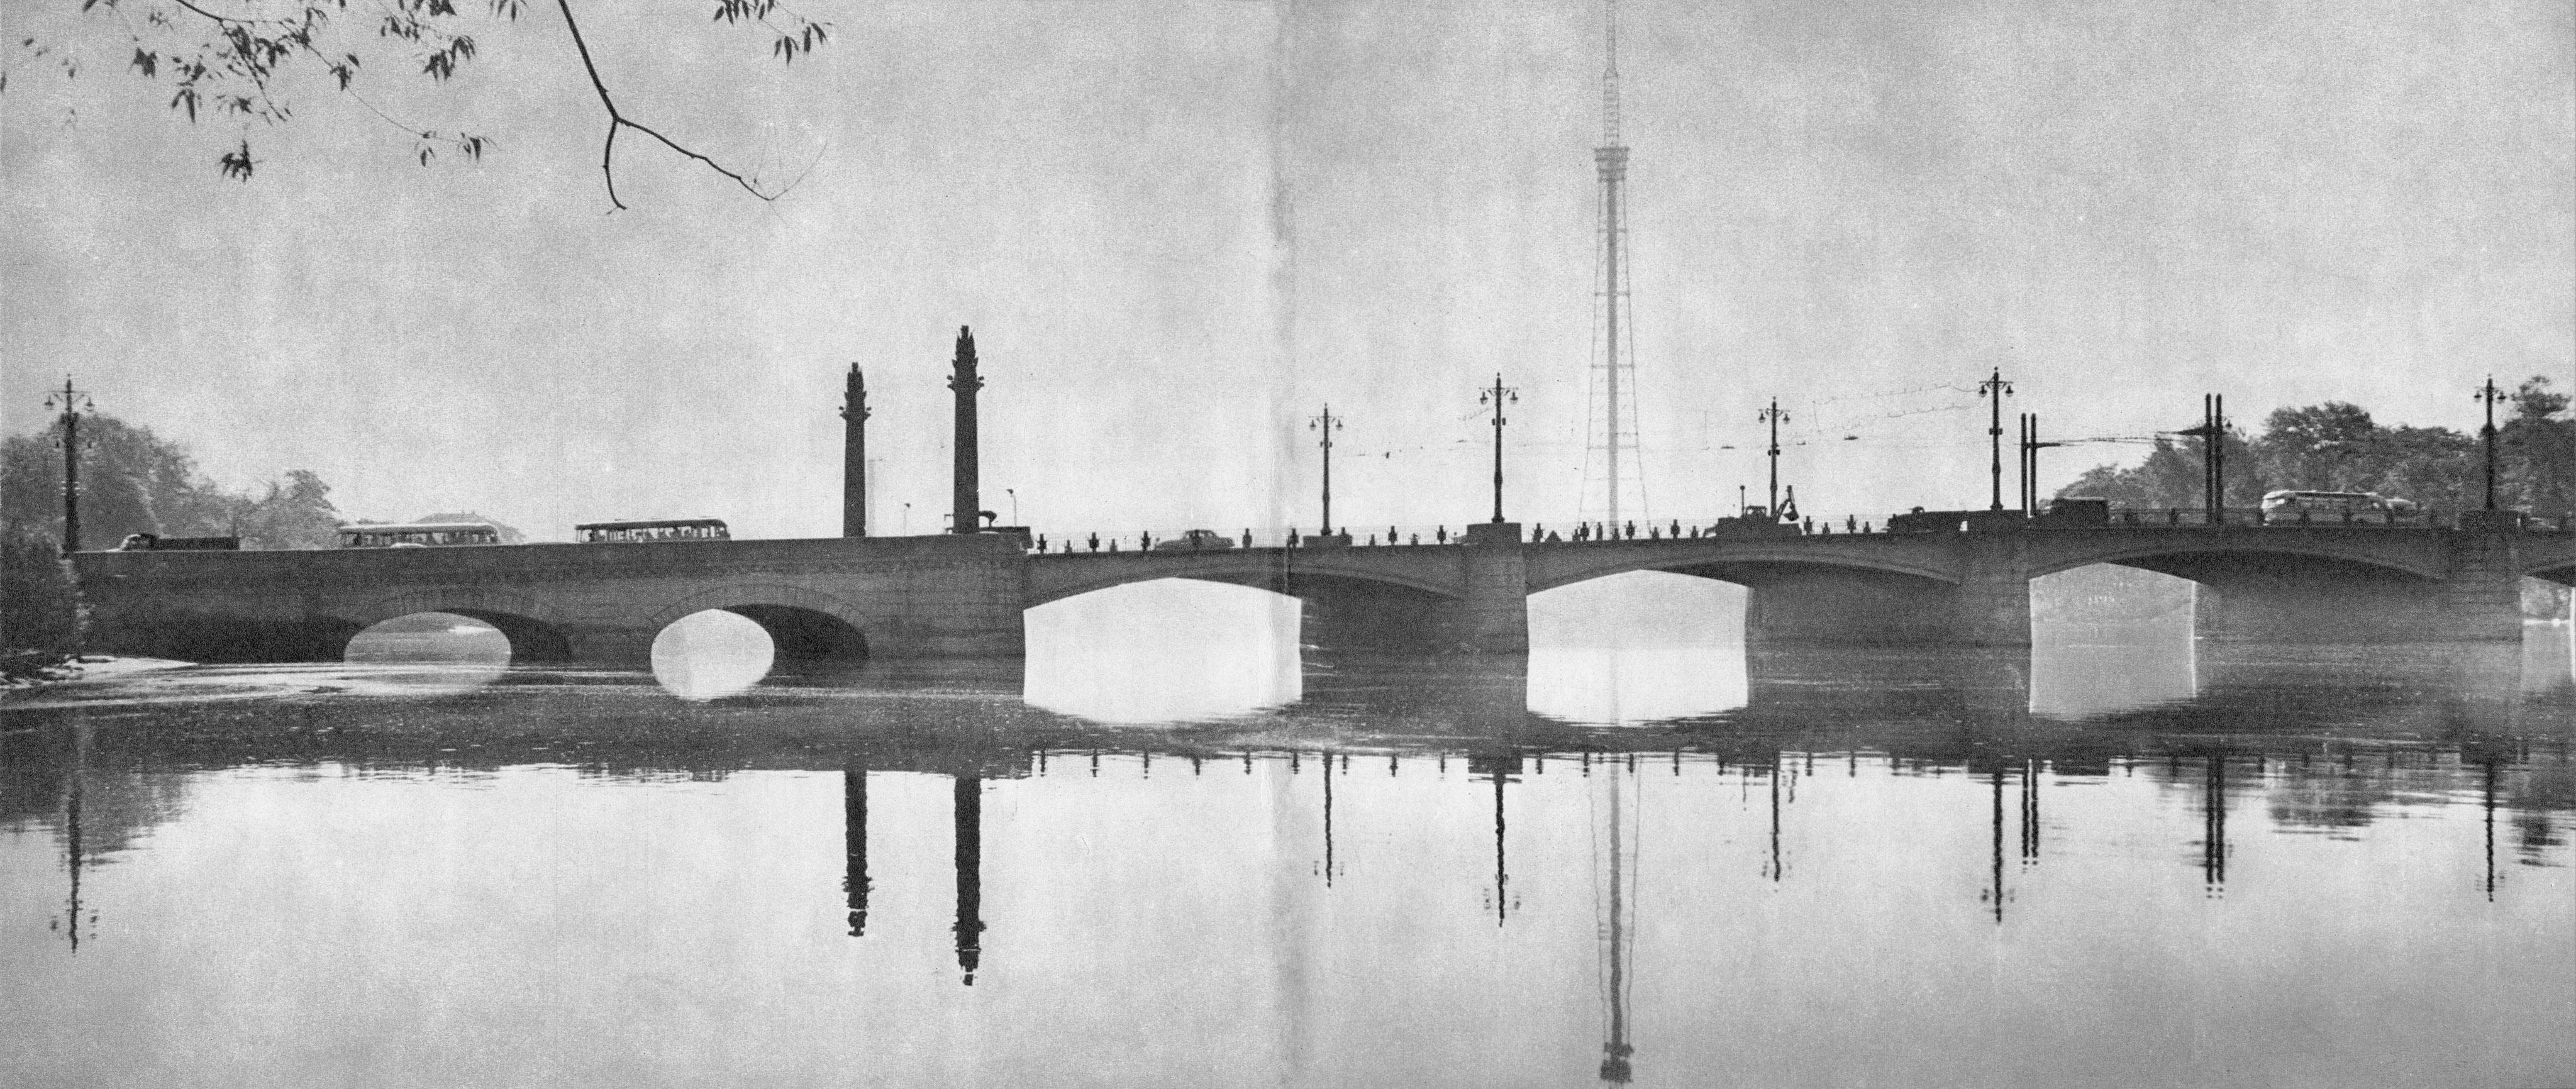 Ушаковский мост / Ushakov Bridge